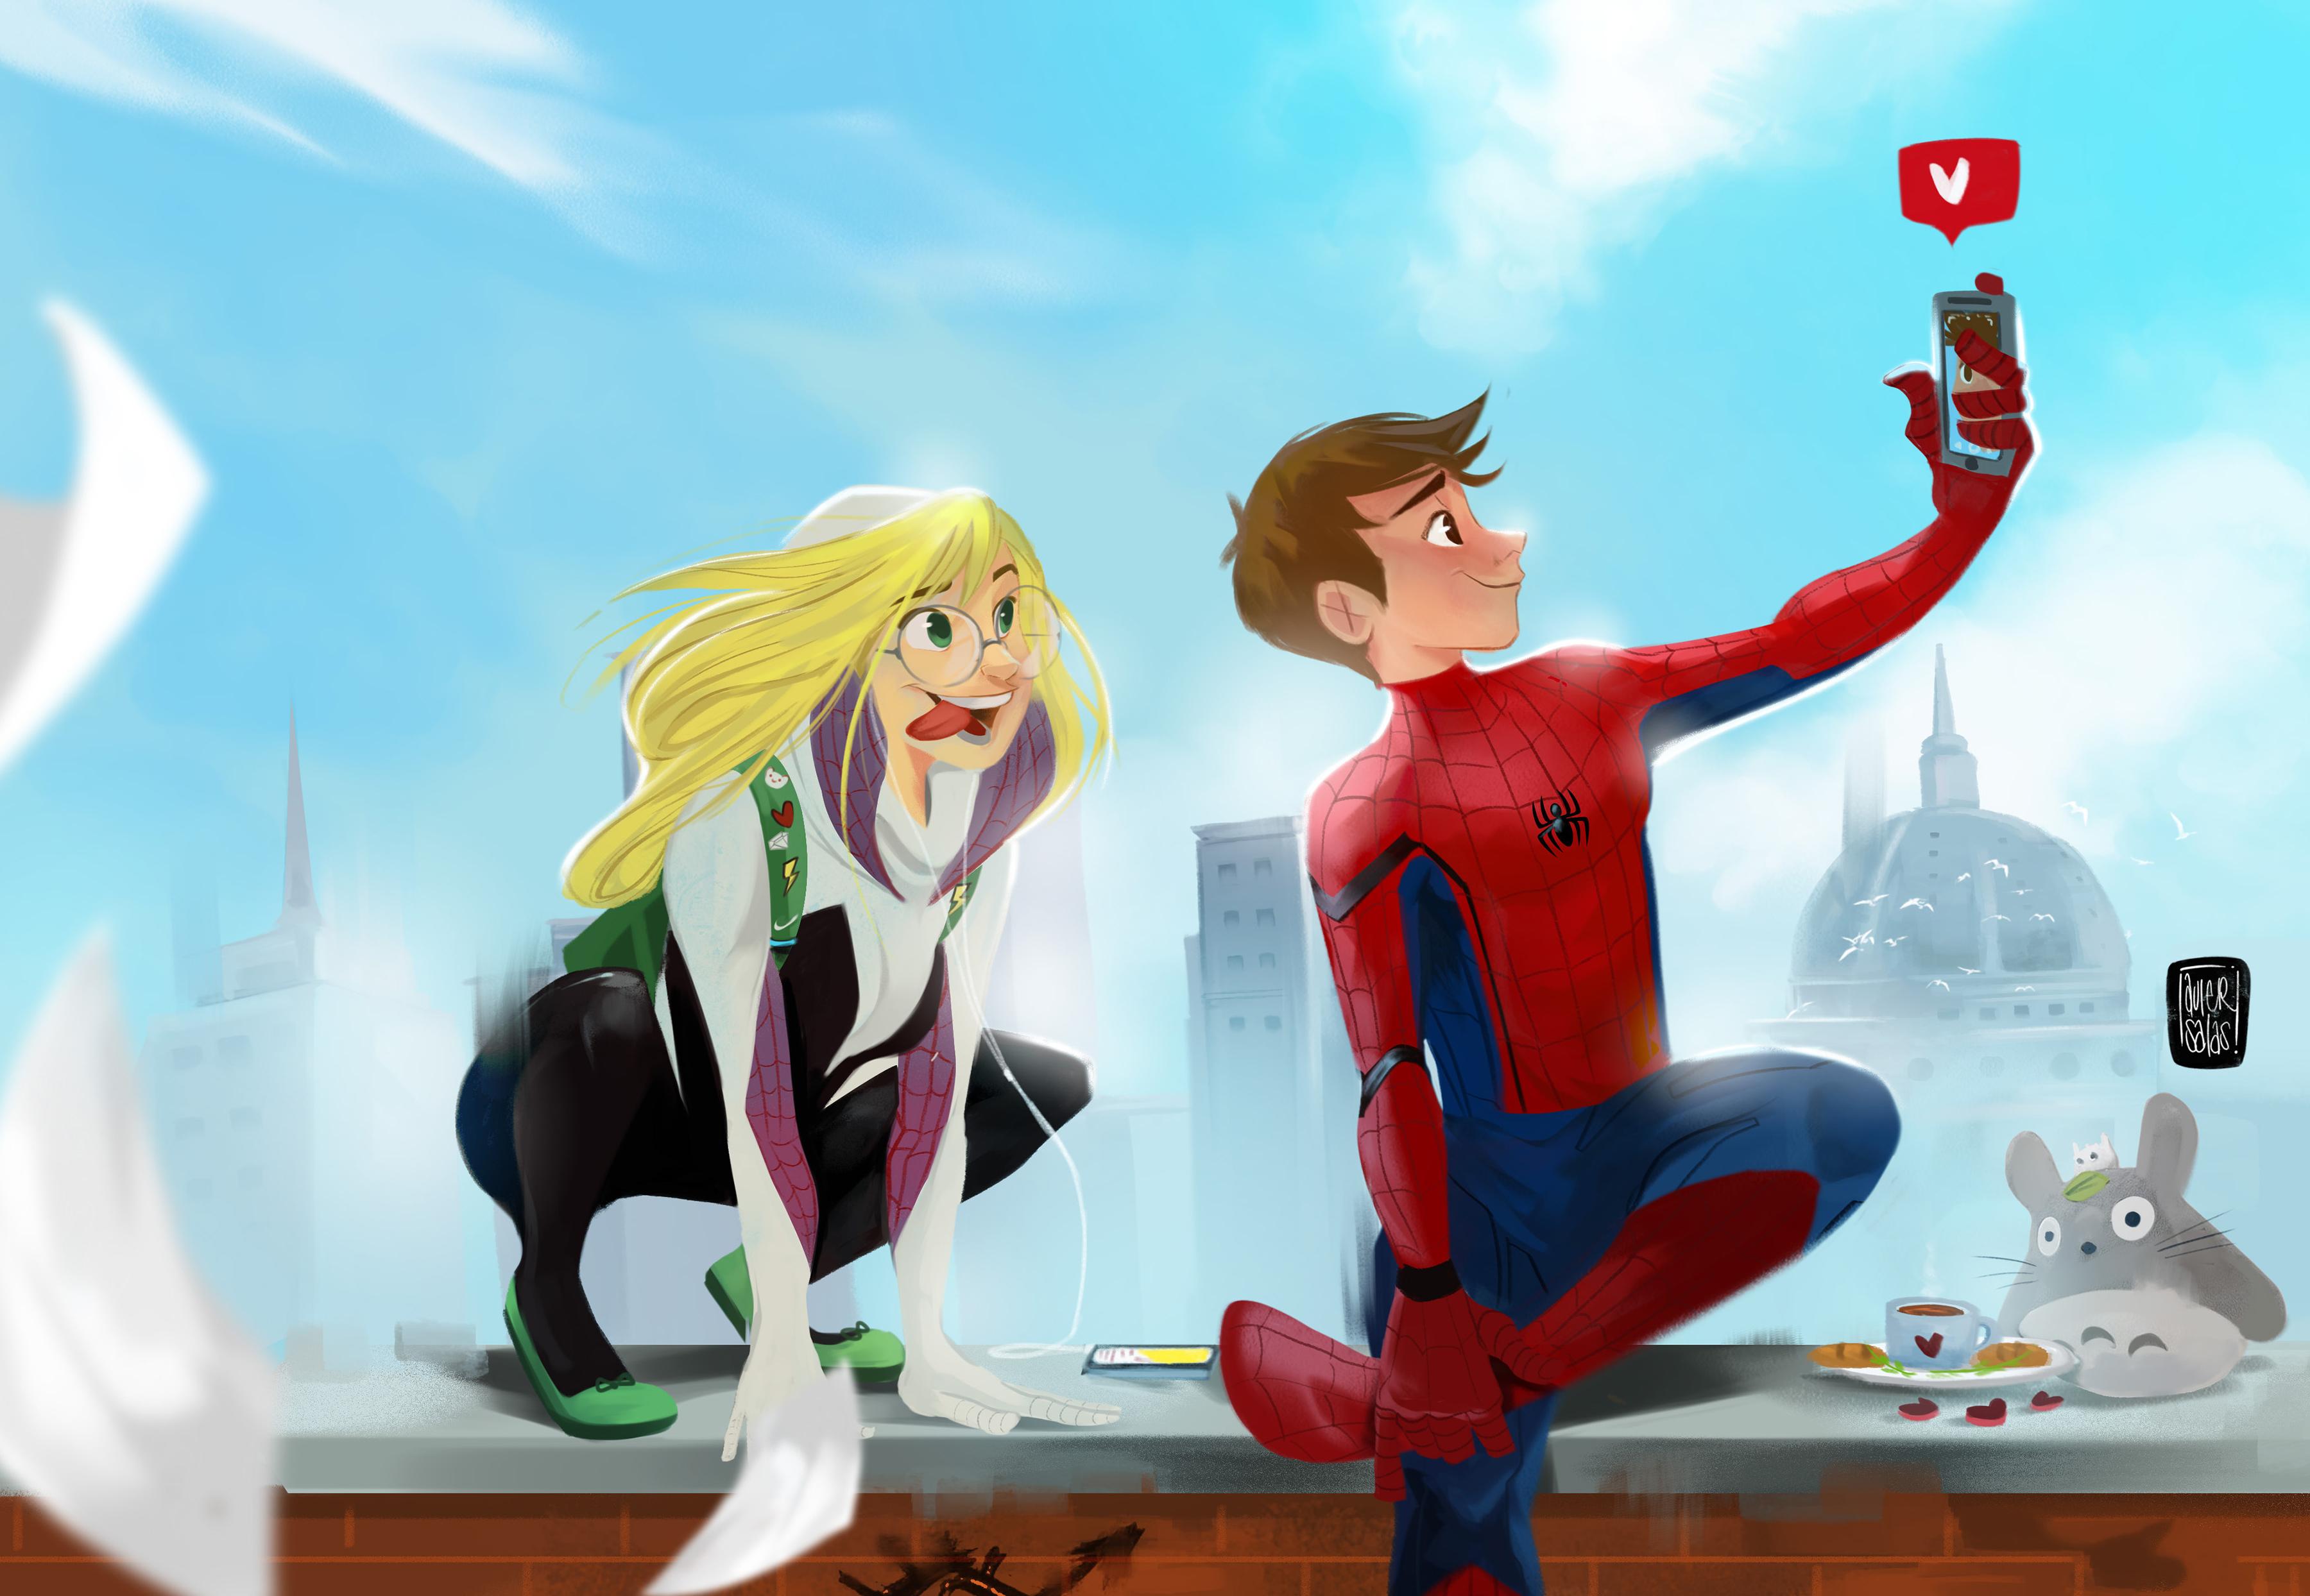 Spider Man Un Nuevo Universo Fondo De Pantalla Hd Fondo De